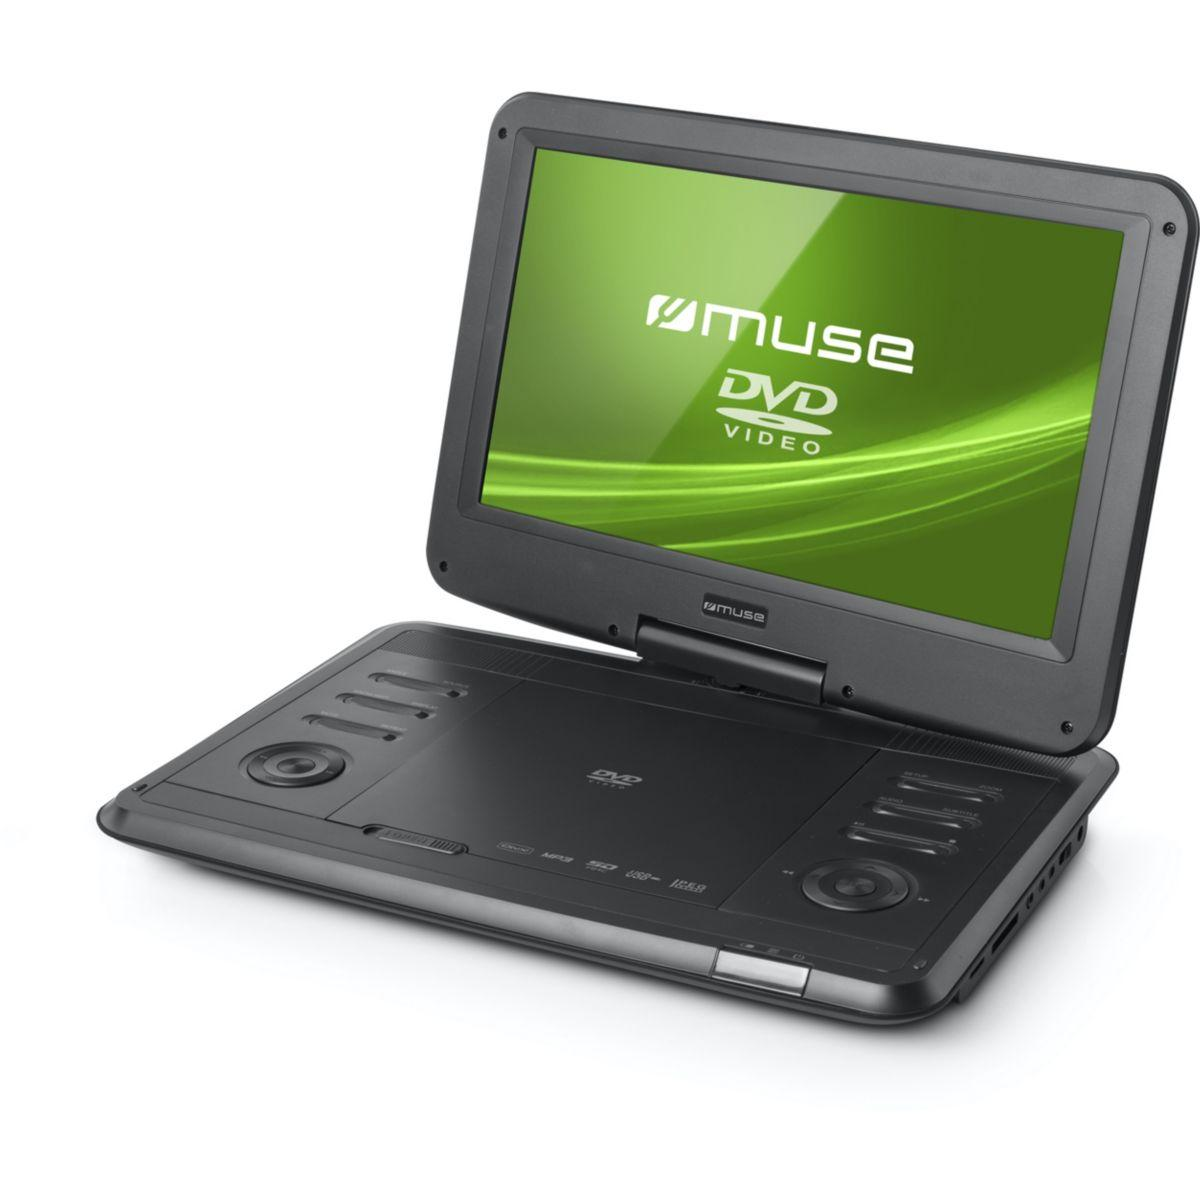 Dvd portable muse m-1270 dp - 2% de remise imm�diate avec le code : fete2